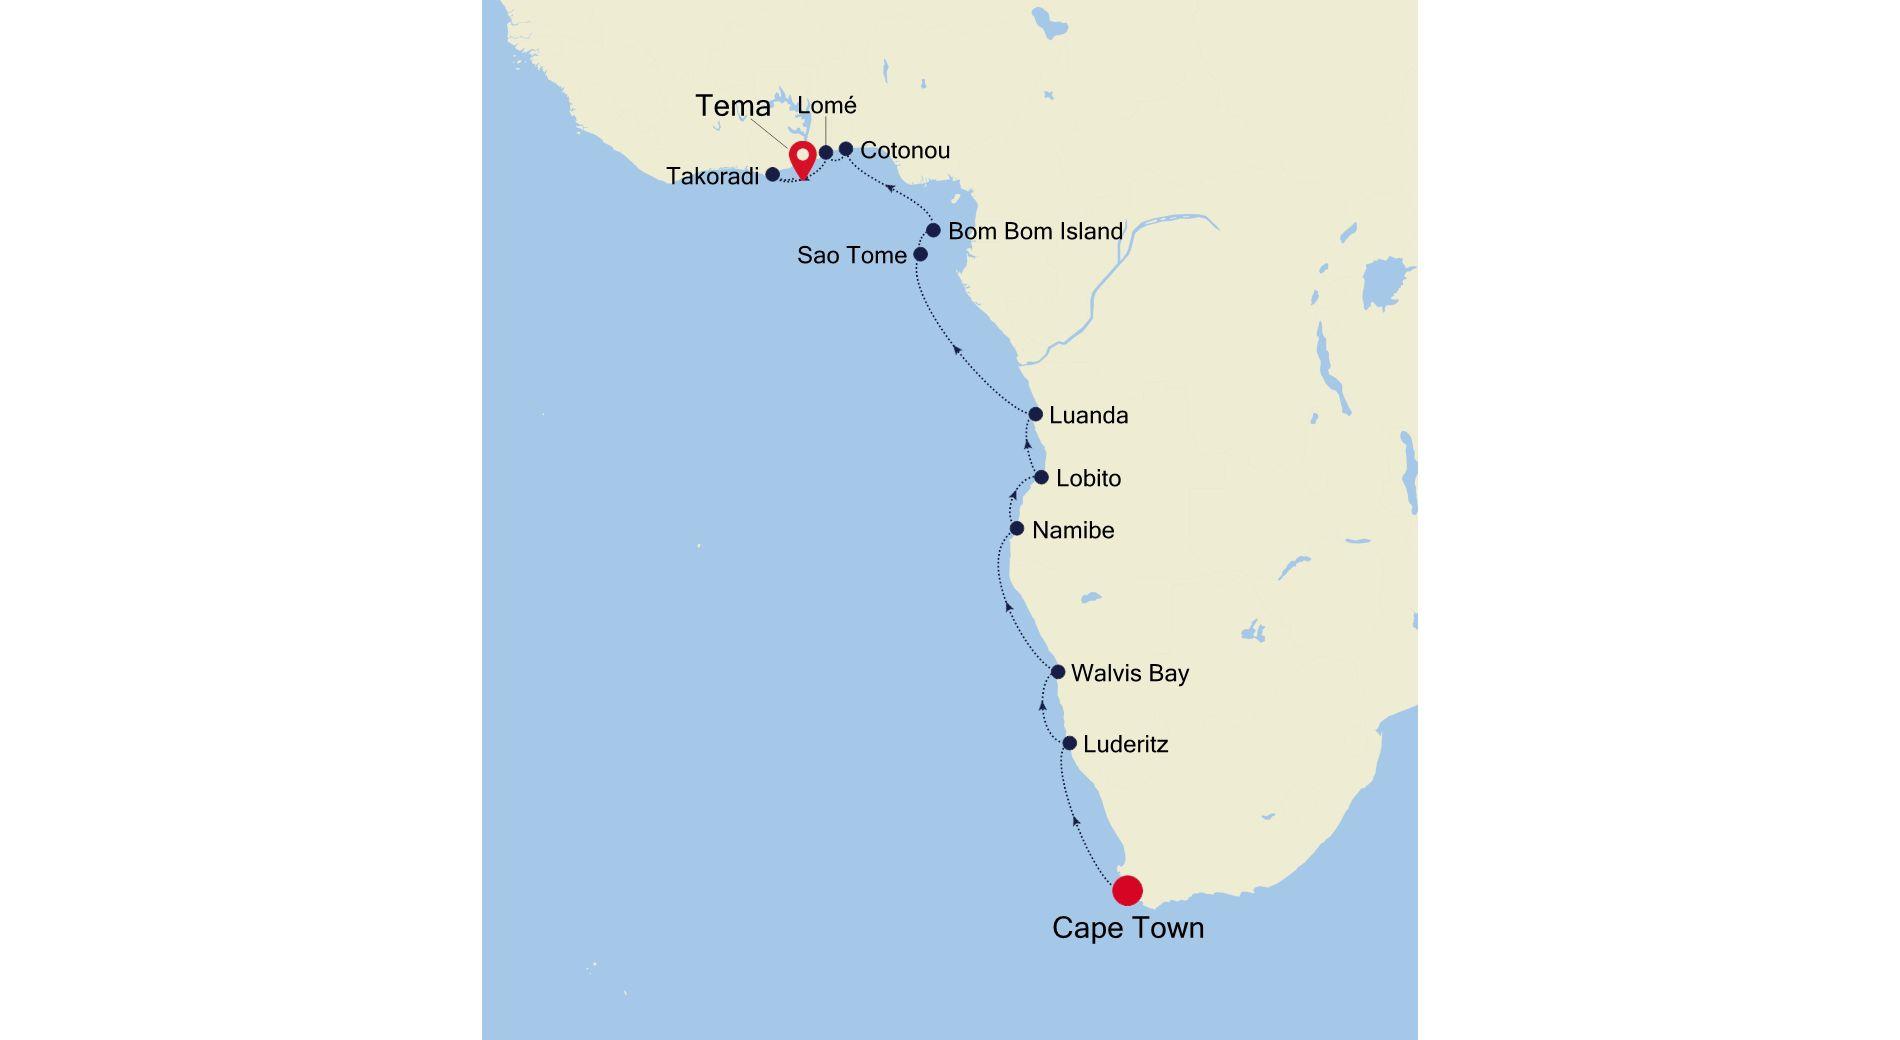 E4200320018 - Cape Town to Accra